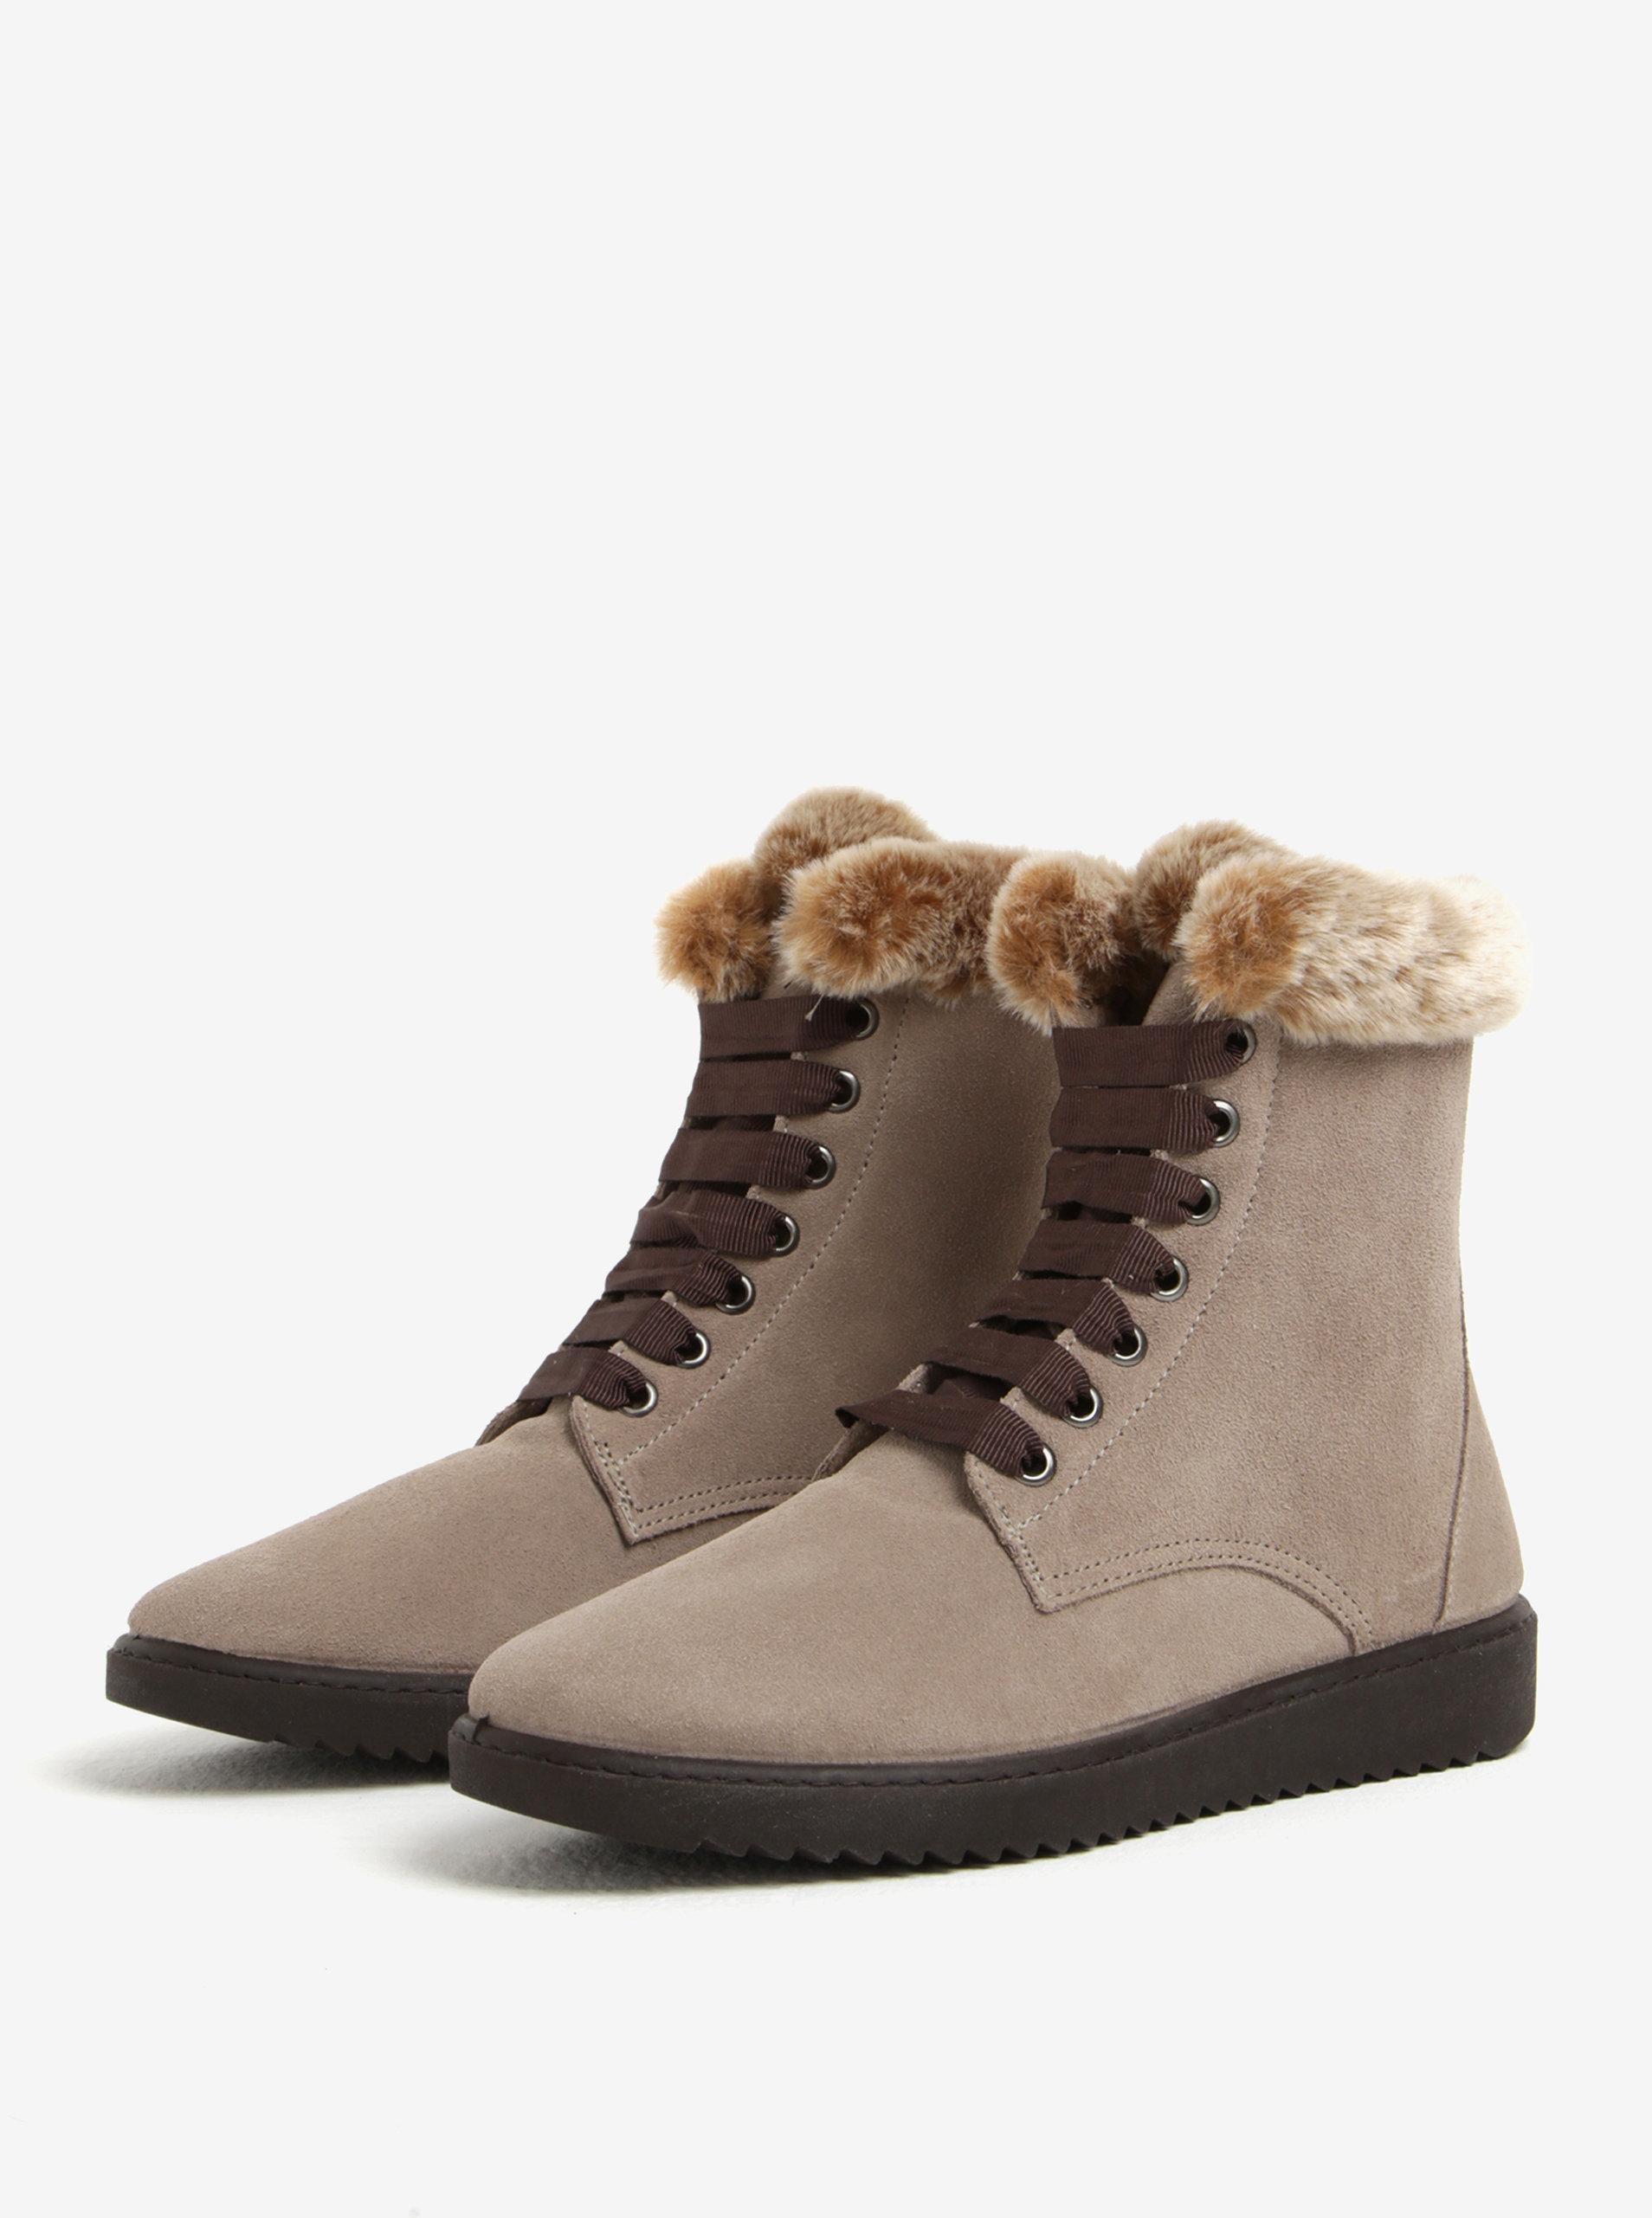 7659b734c9 Sivé semišové členkové topánky s umelým kožúškom OJJU ...